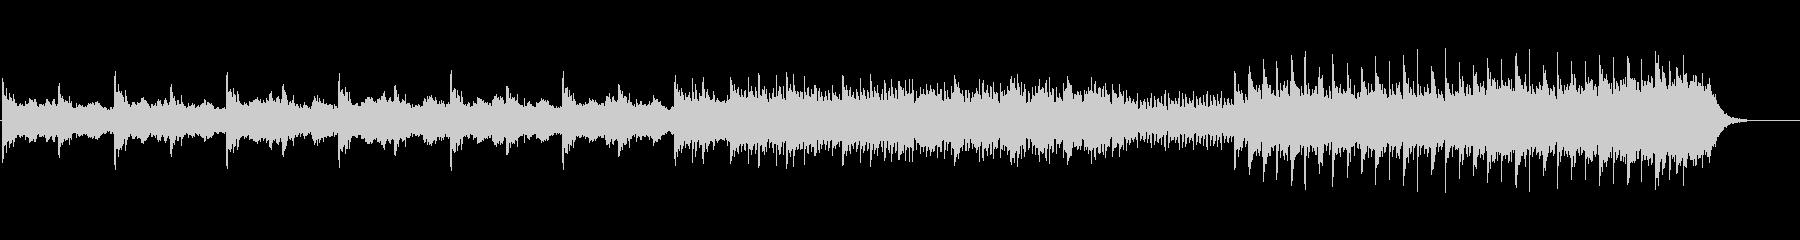 癒されるヒーリングピアノの未再生の波形